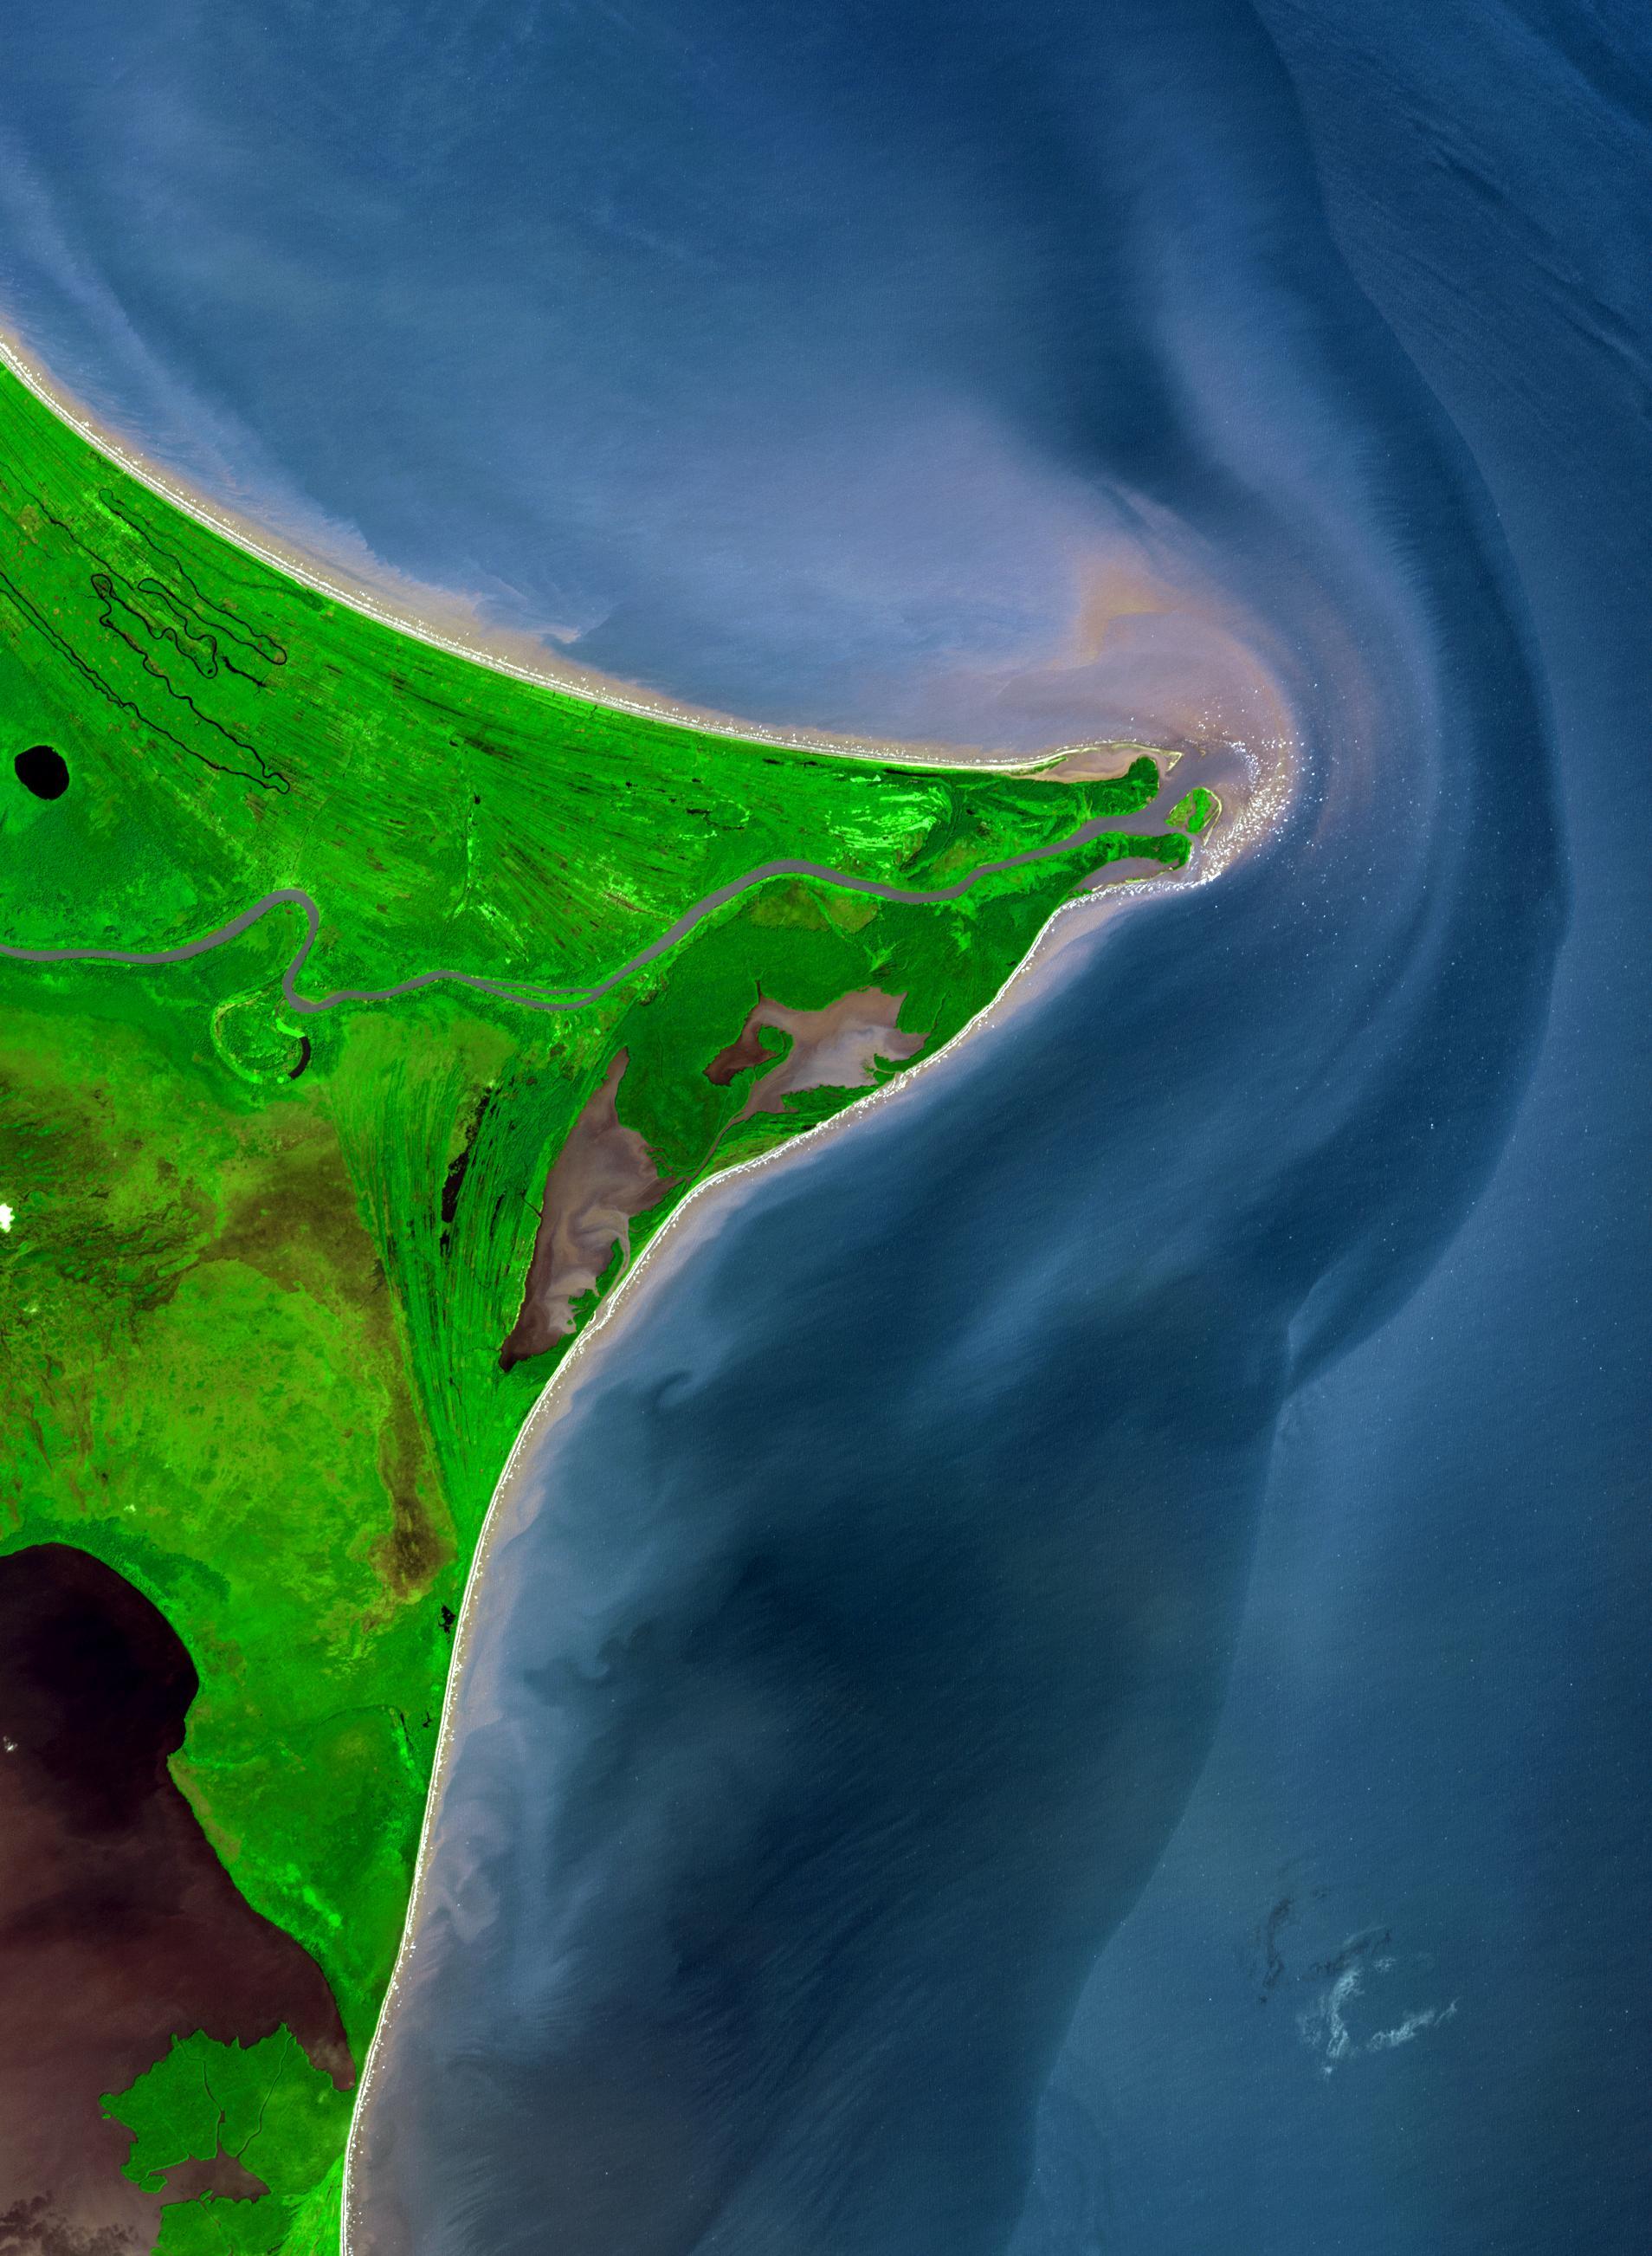 Река Коко напути кКарибскому морю образует границу между Никарагуа иГондурасом. Полинии берега здесь можно видеть низкий рельеф иводоемы — его называют побережьем Москитов (название дали вчесть кореных жителей — индейцев мискито; позже название племени исказили европейские поселенцы). Мискито « невысокие ис очень смуглой кожей. Первое европейское поселение появилось здесь в1630 году, когда агенты английской дипломированной провиденческой компании заняли две небольшие набережные иустановили дружеские отношения сместными жителями.